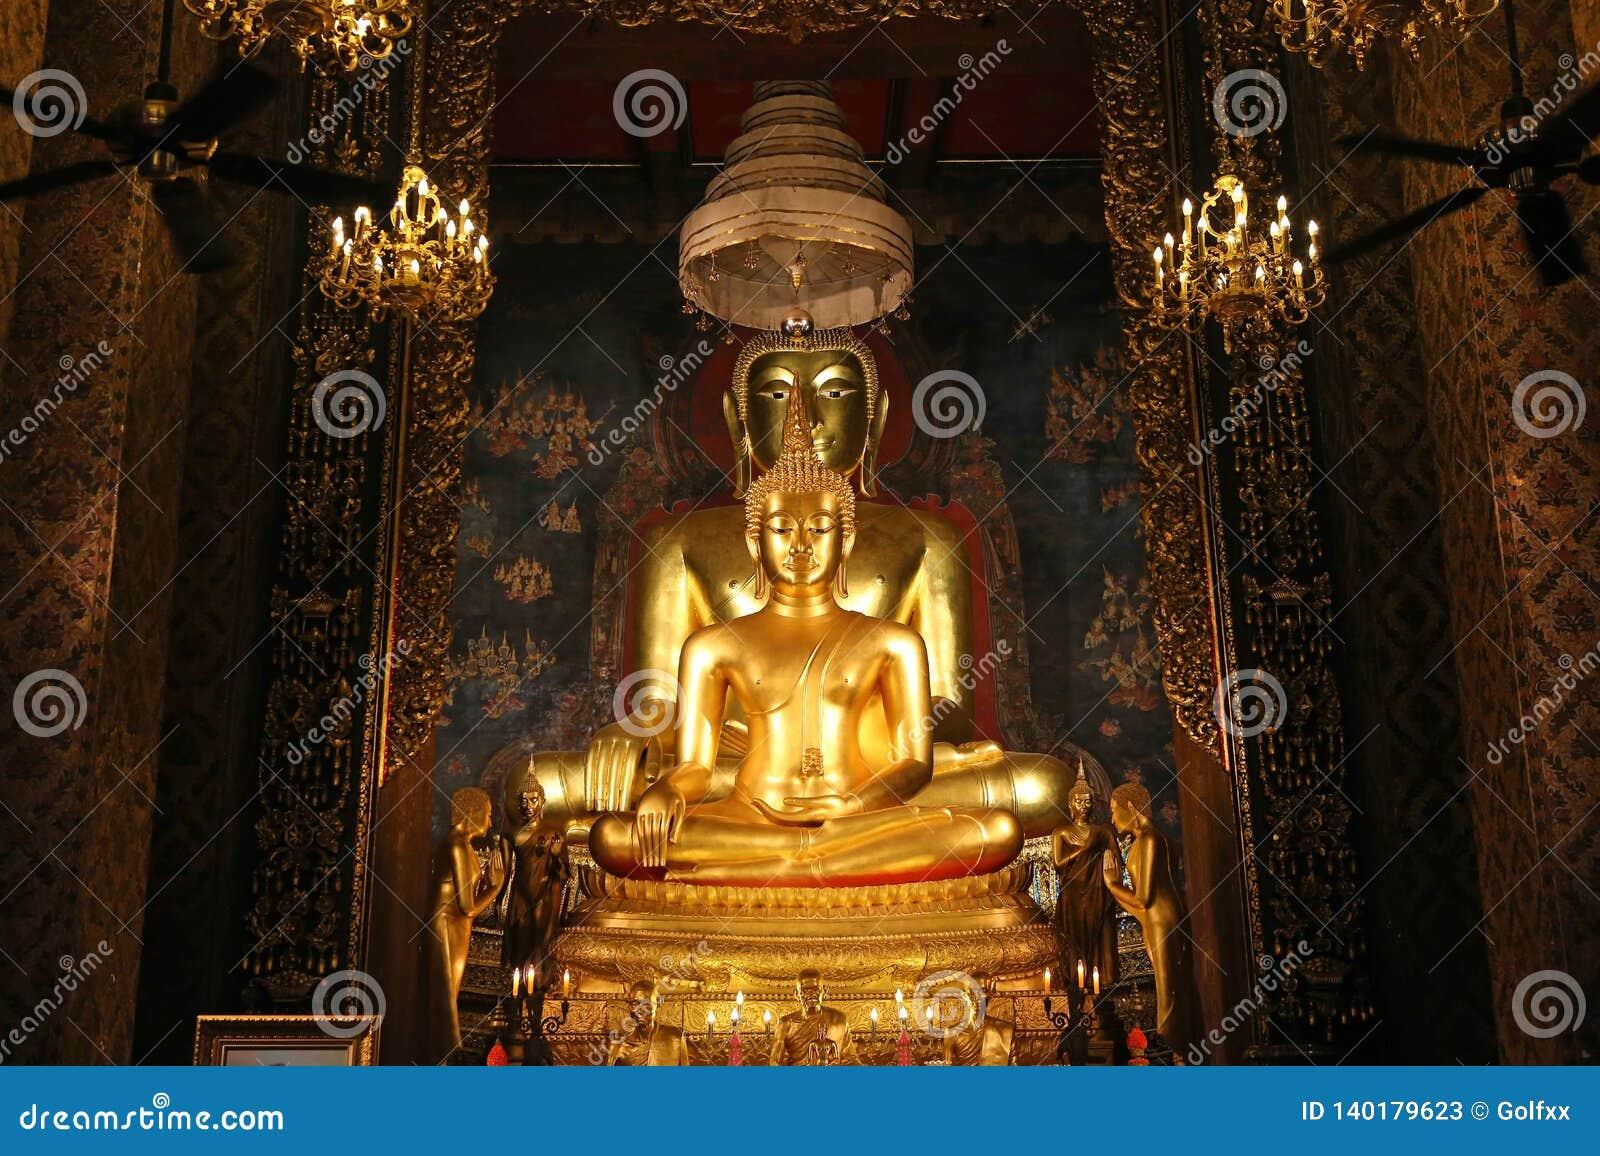 Beau de la statue d or de Bouddha et de l architecture thaïlandaise d art dans le temple de la Thaïlande